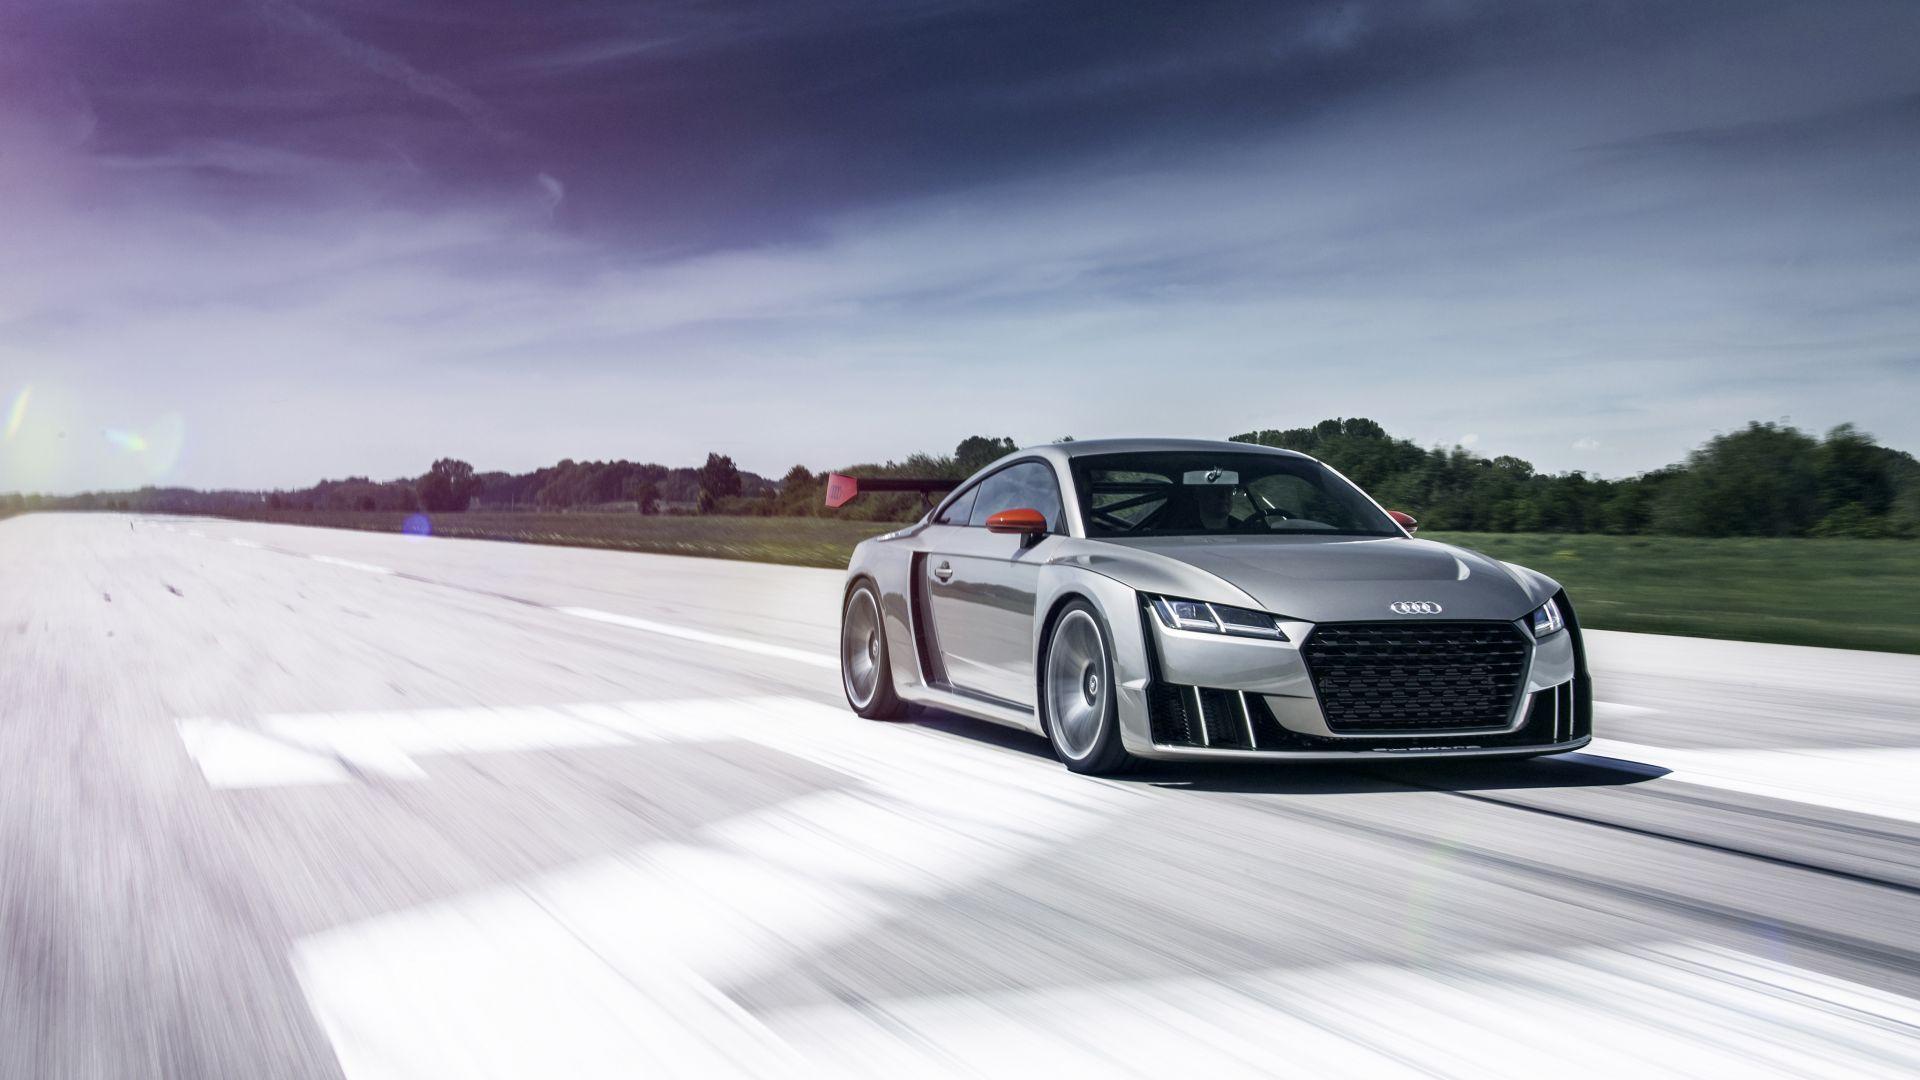 Wallpaper Audi Tt Clubsport Turbo Concept Audi Sports